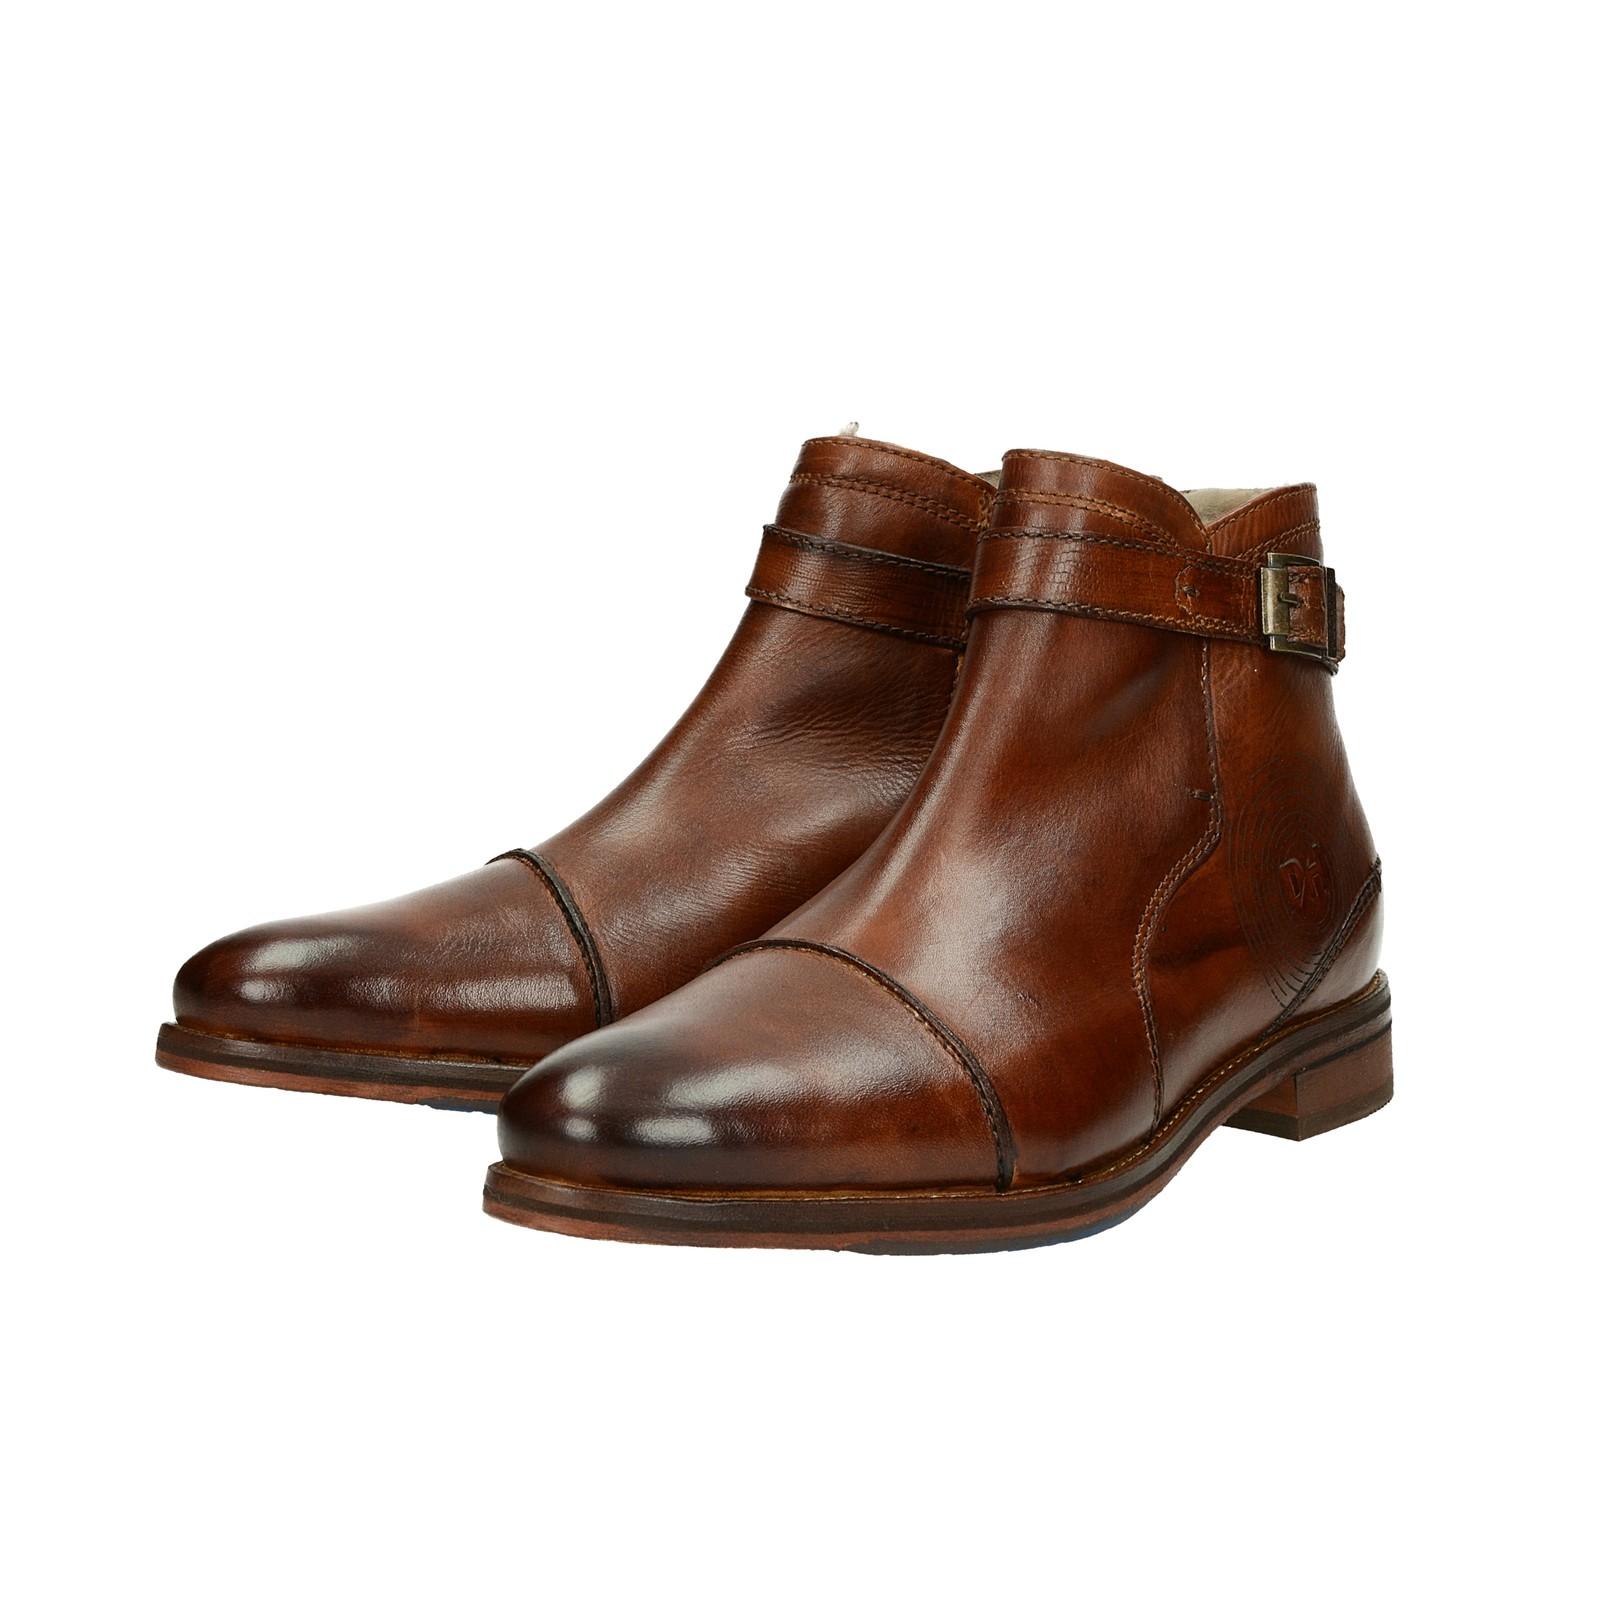 ... Daniel Hechter pánská zateplená kotníková obuv - hnedá ... 901a13977b4